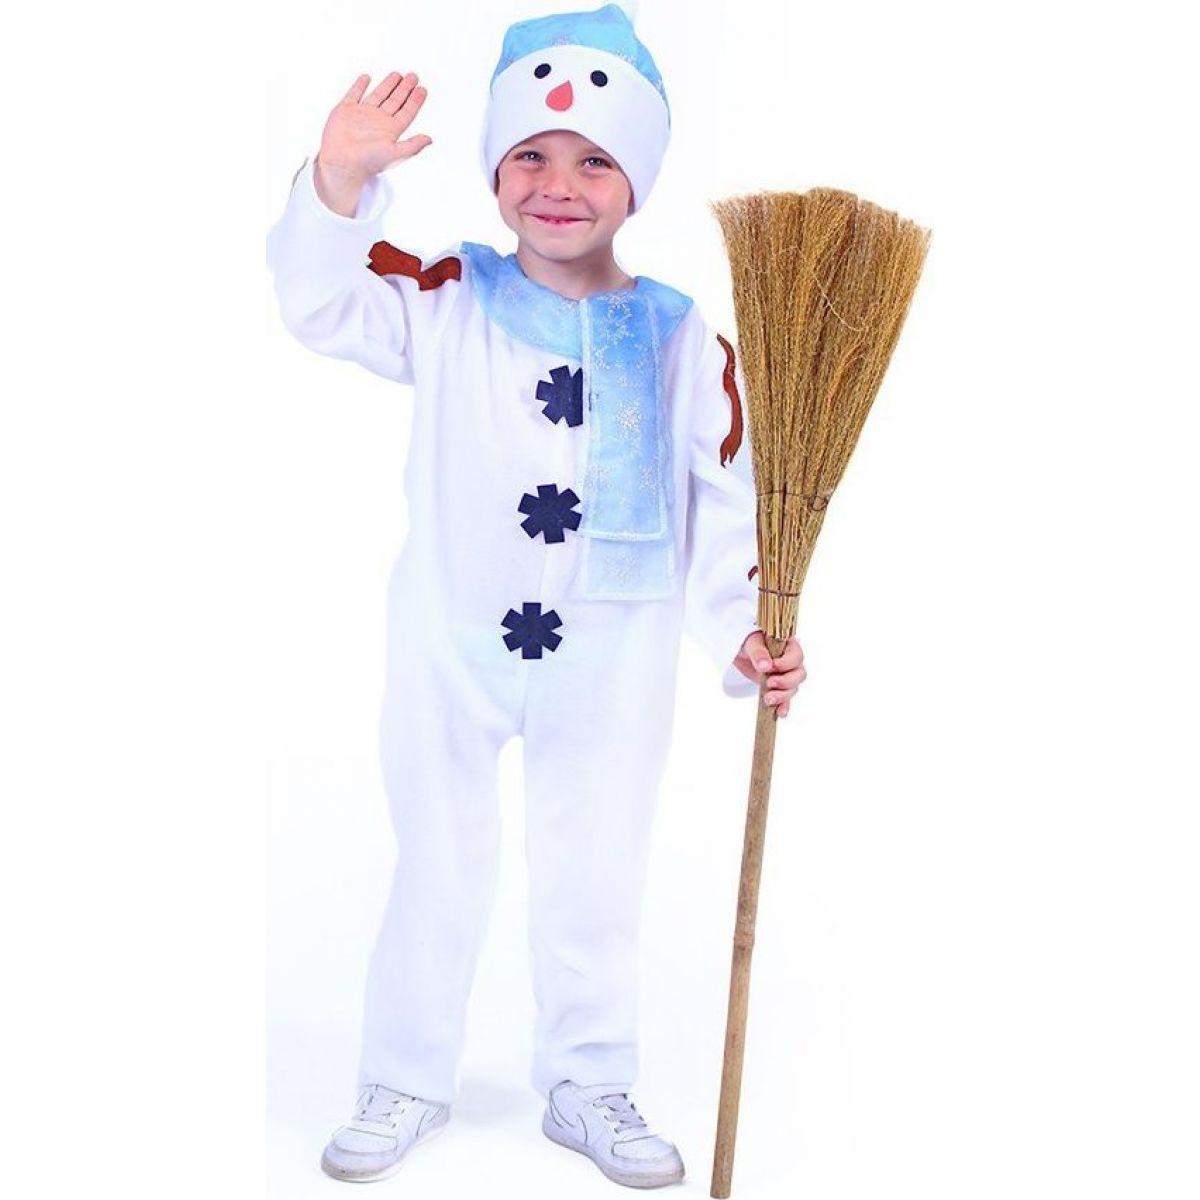 Rappa Dětský kostým sněhulák s čepicí a modrou šálou vel. M